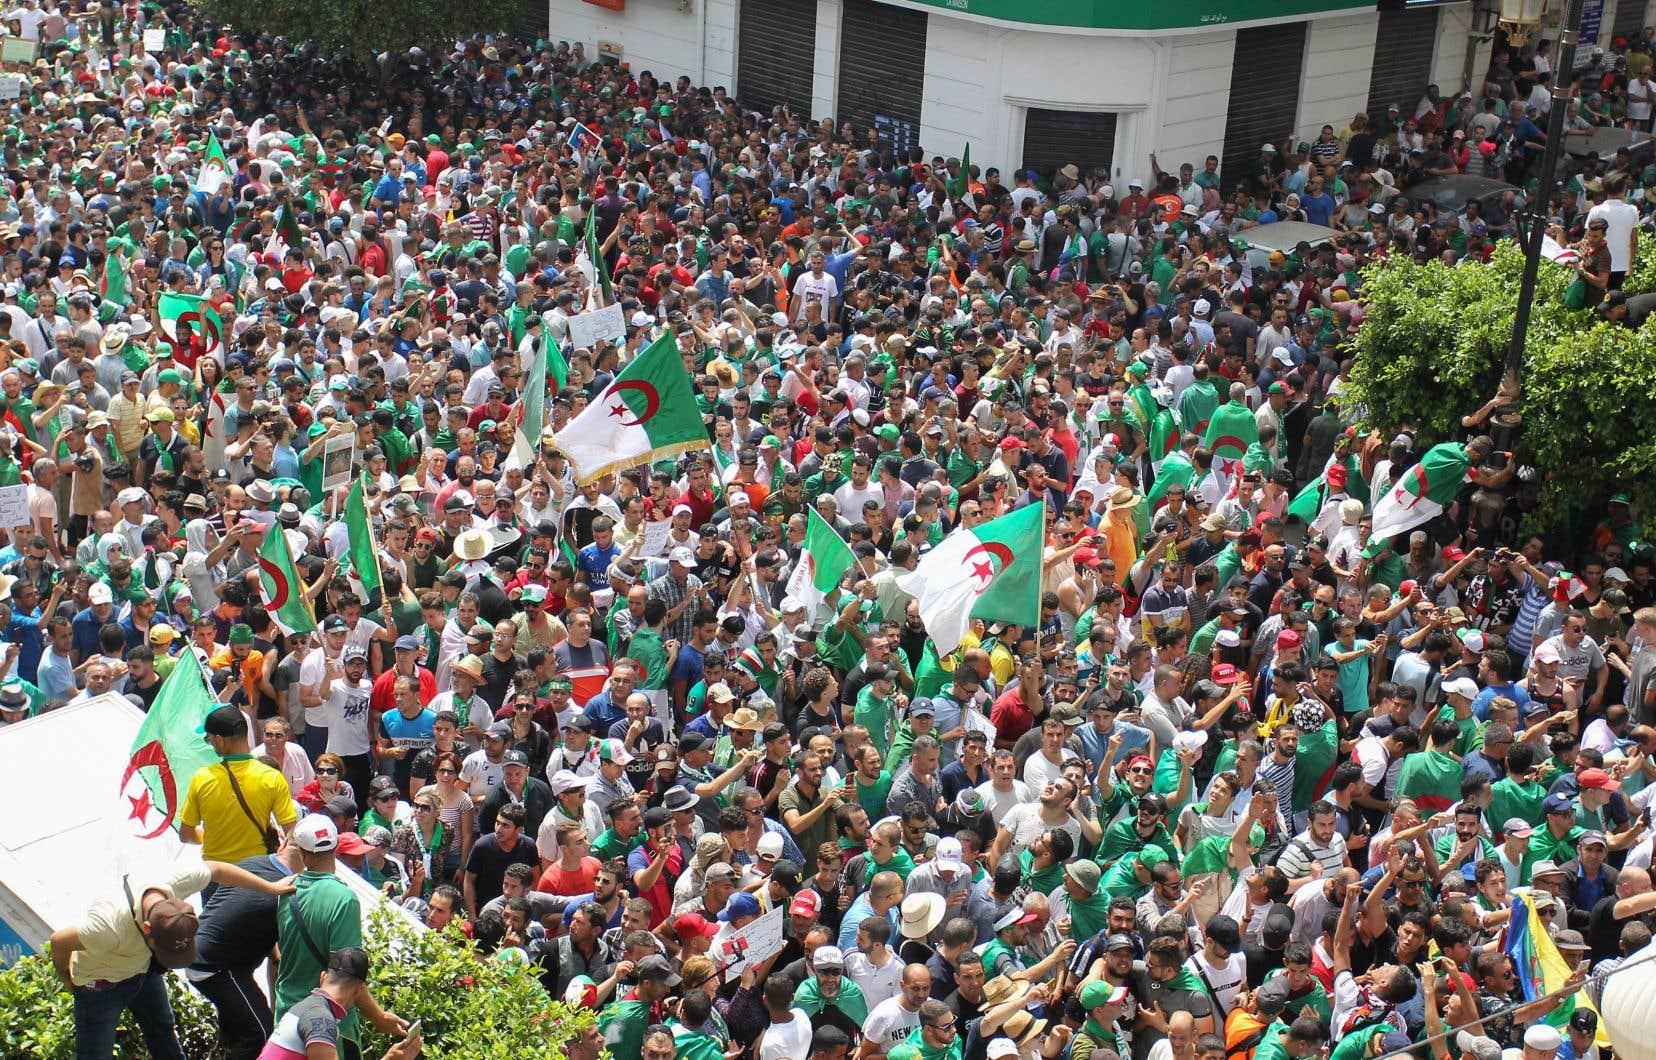 Depuis la démission du président Abdelaziz Bouteflika, le mouvement de contestation refuse que le «système» en place organise la prochaine élection présidentielle.